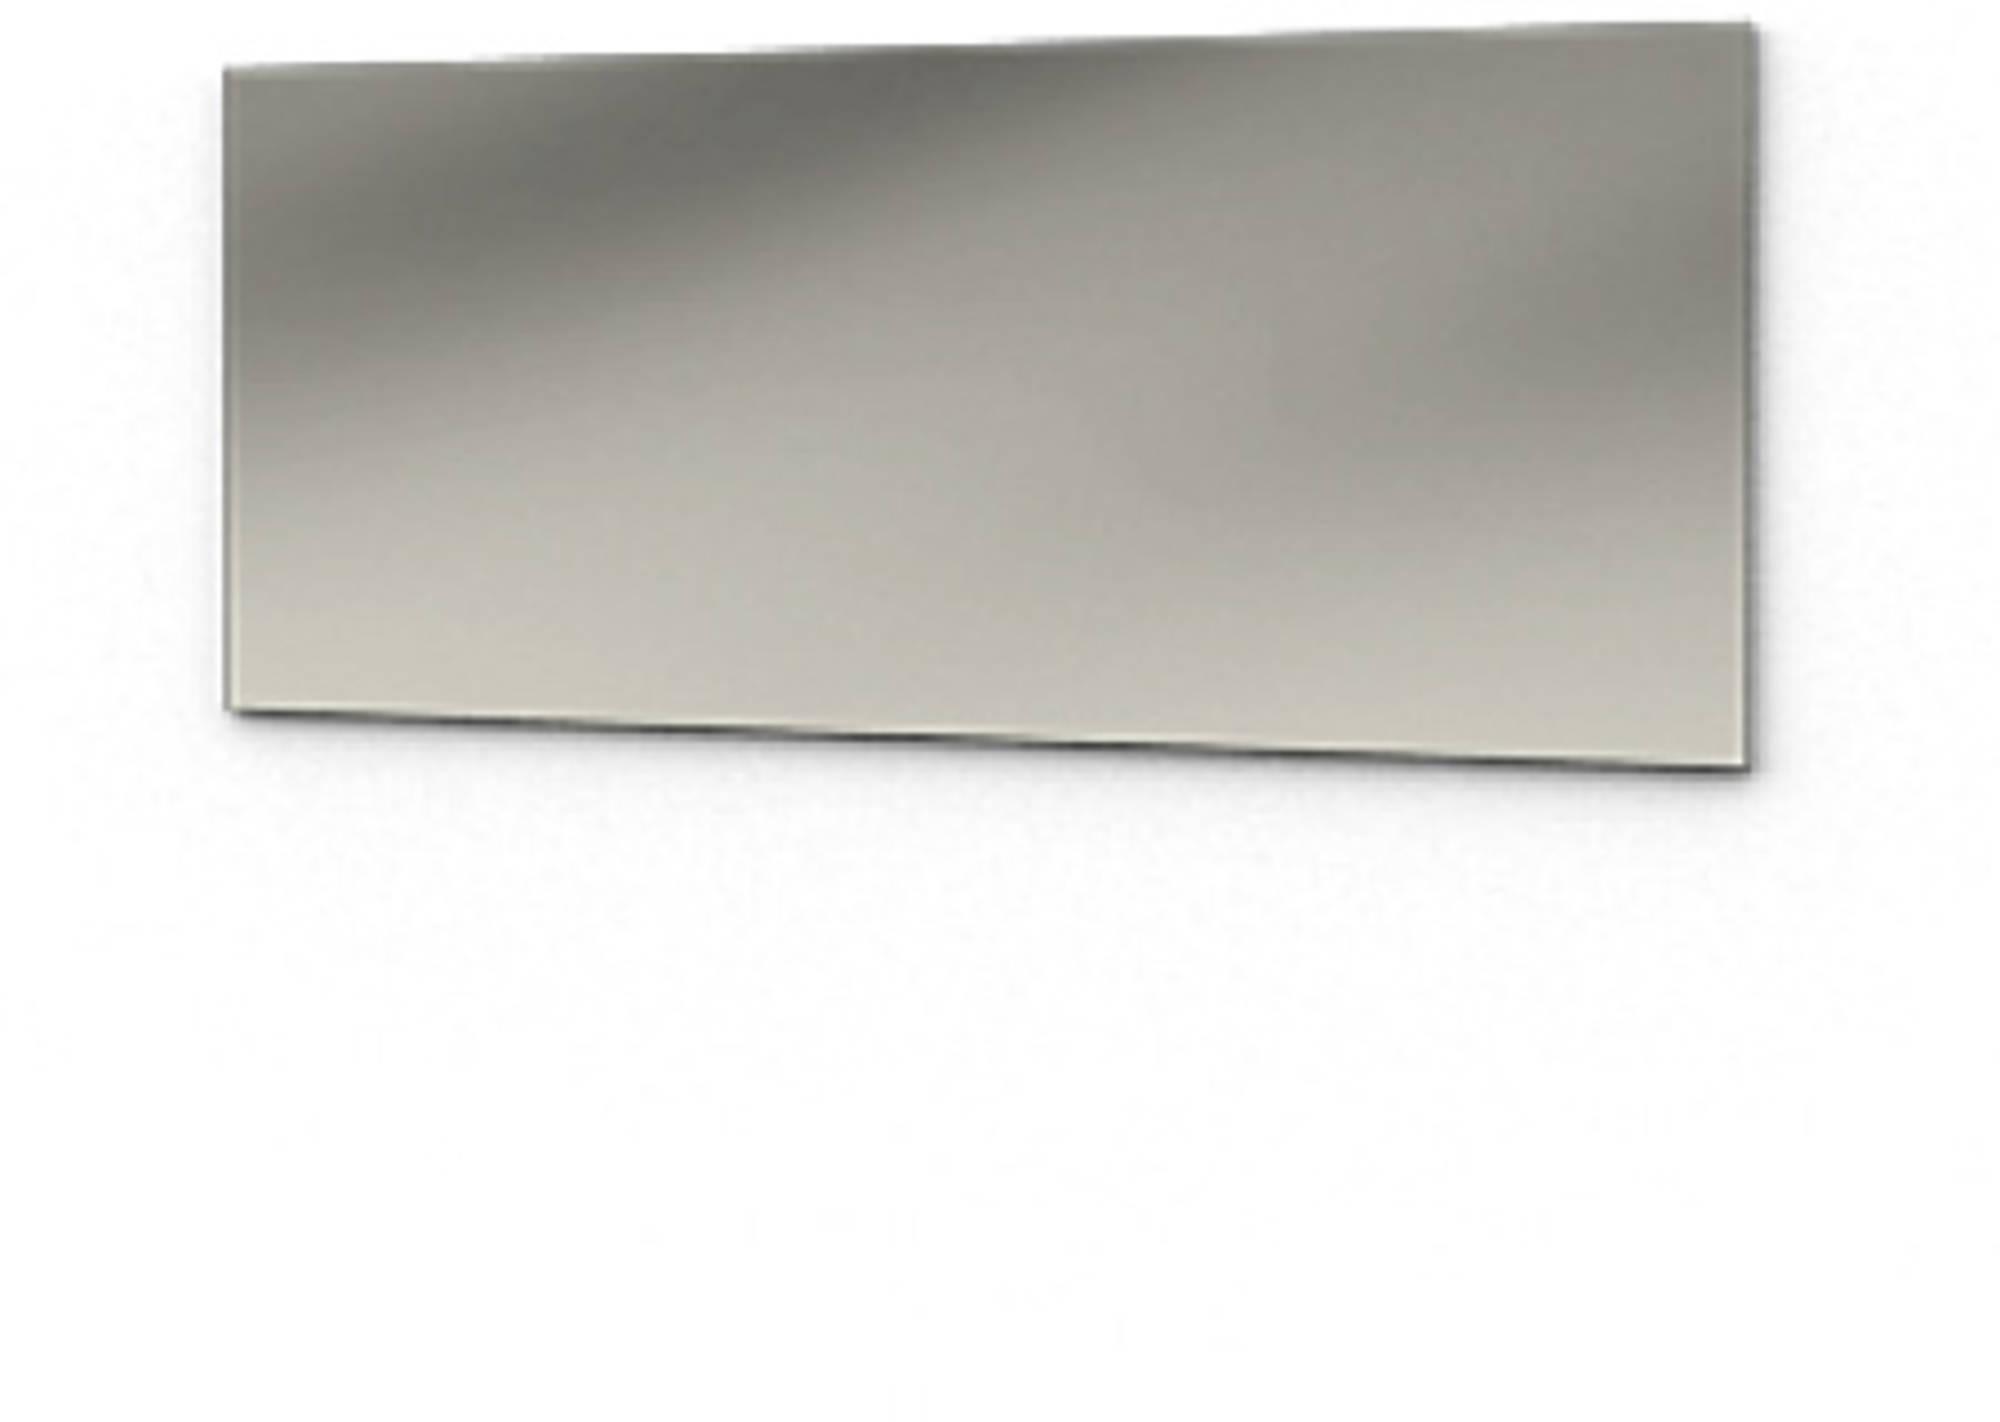 Ben Mirano Spiegel rondom Geslepen met blinde ophang 220,1-240x>70 cm